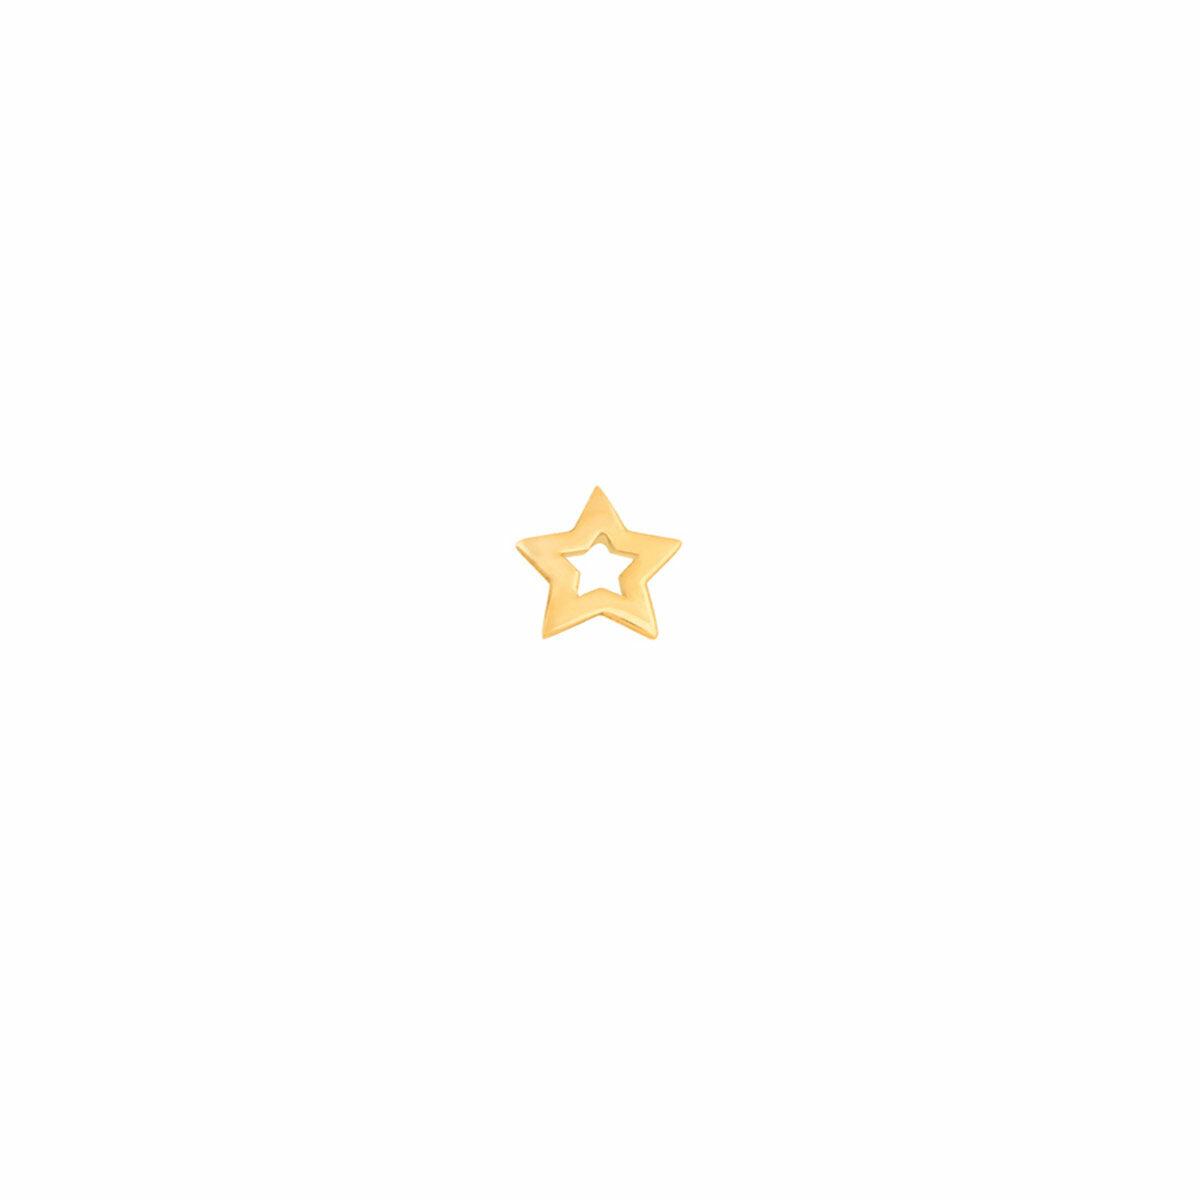 گوشواره طلا تک لنگه ای ستاره توخالی